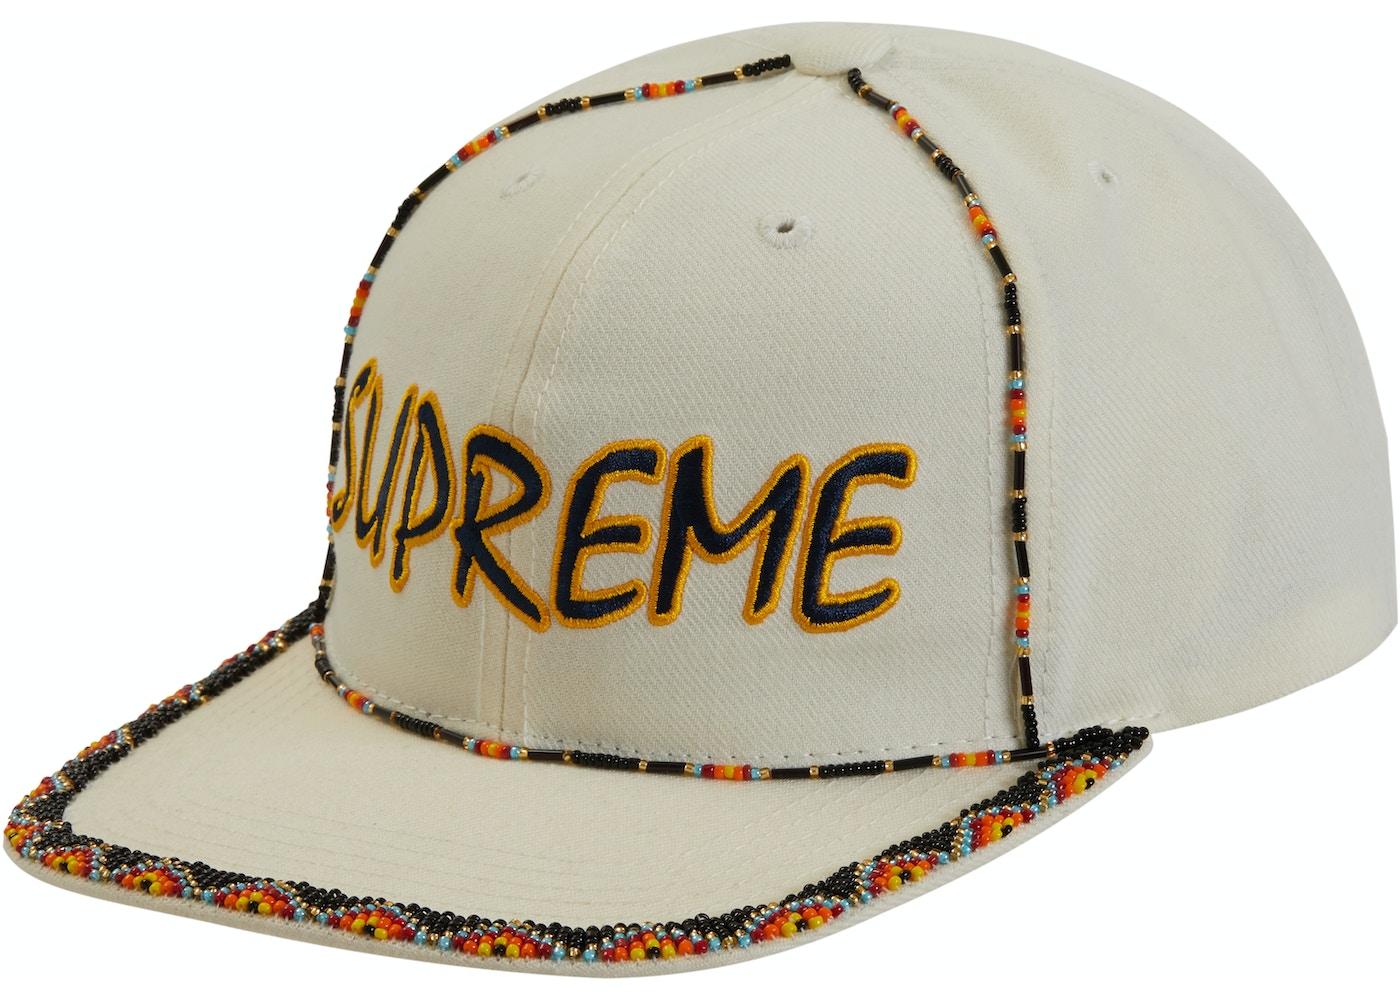 b750bfec6d9 Supreme Headwear - Buy   Sell Streetwear